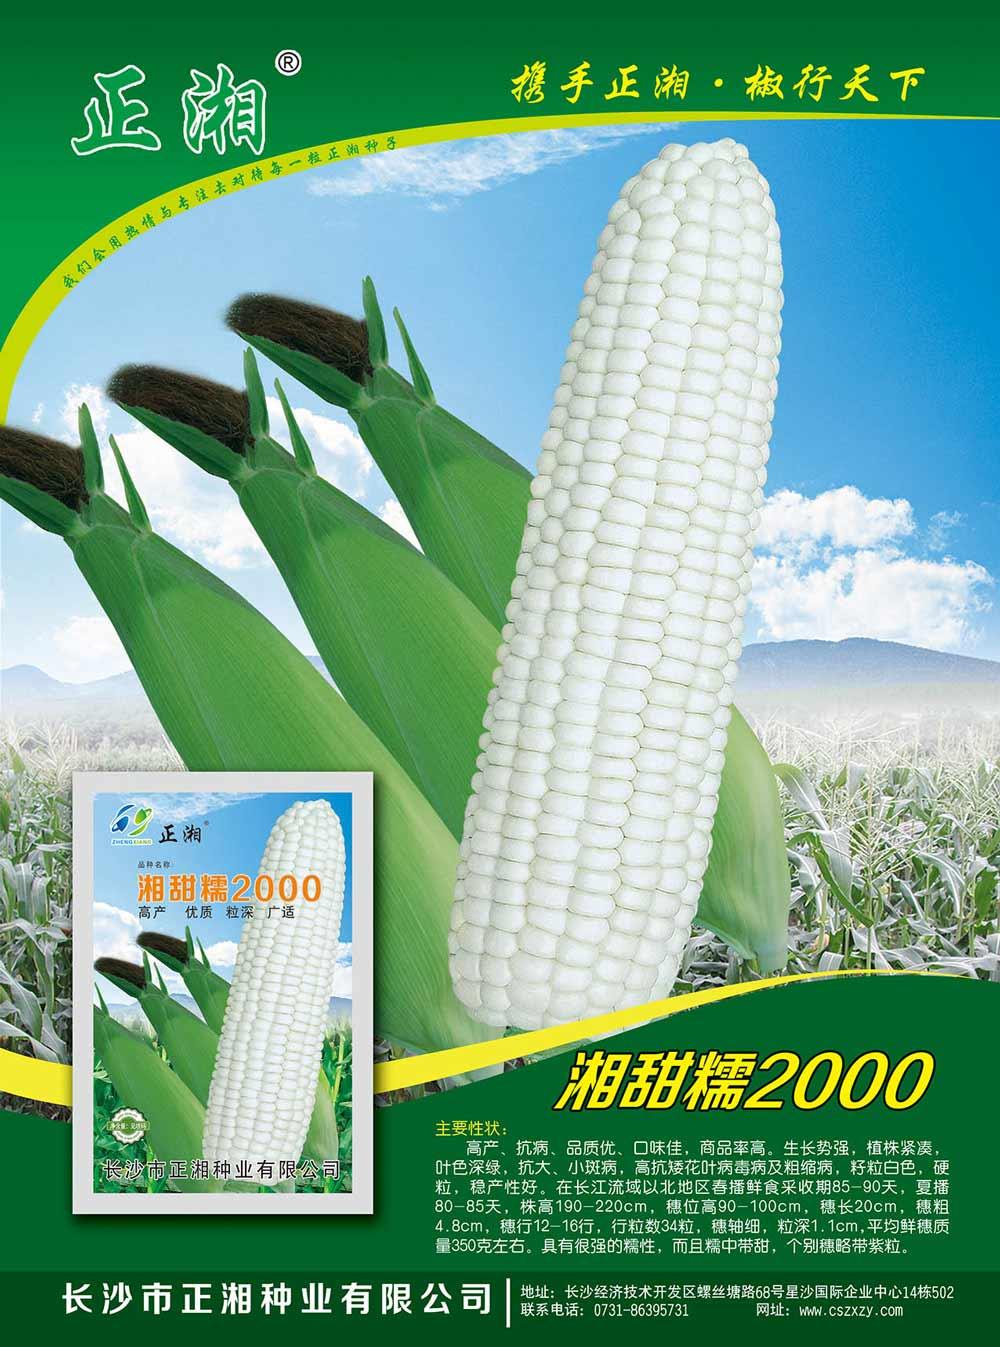 湘甜糯2000玉米亚虎国际 唯一 官网